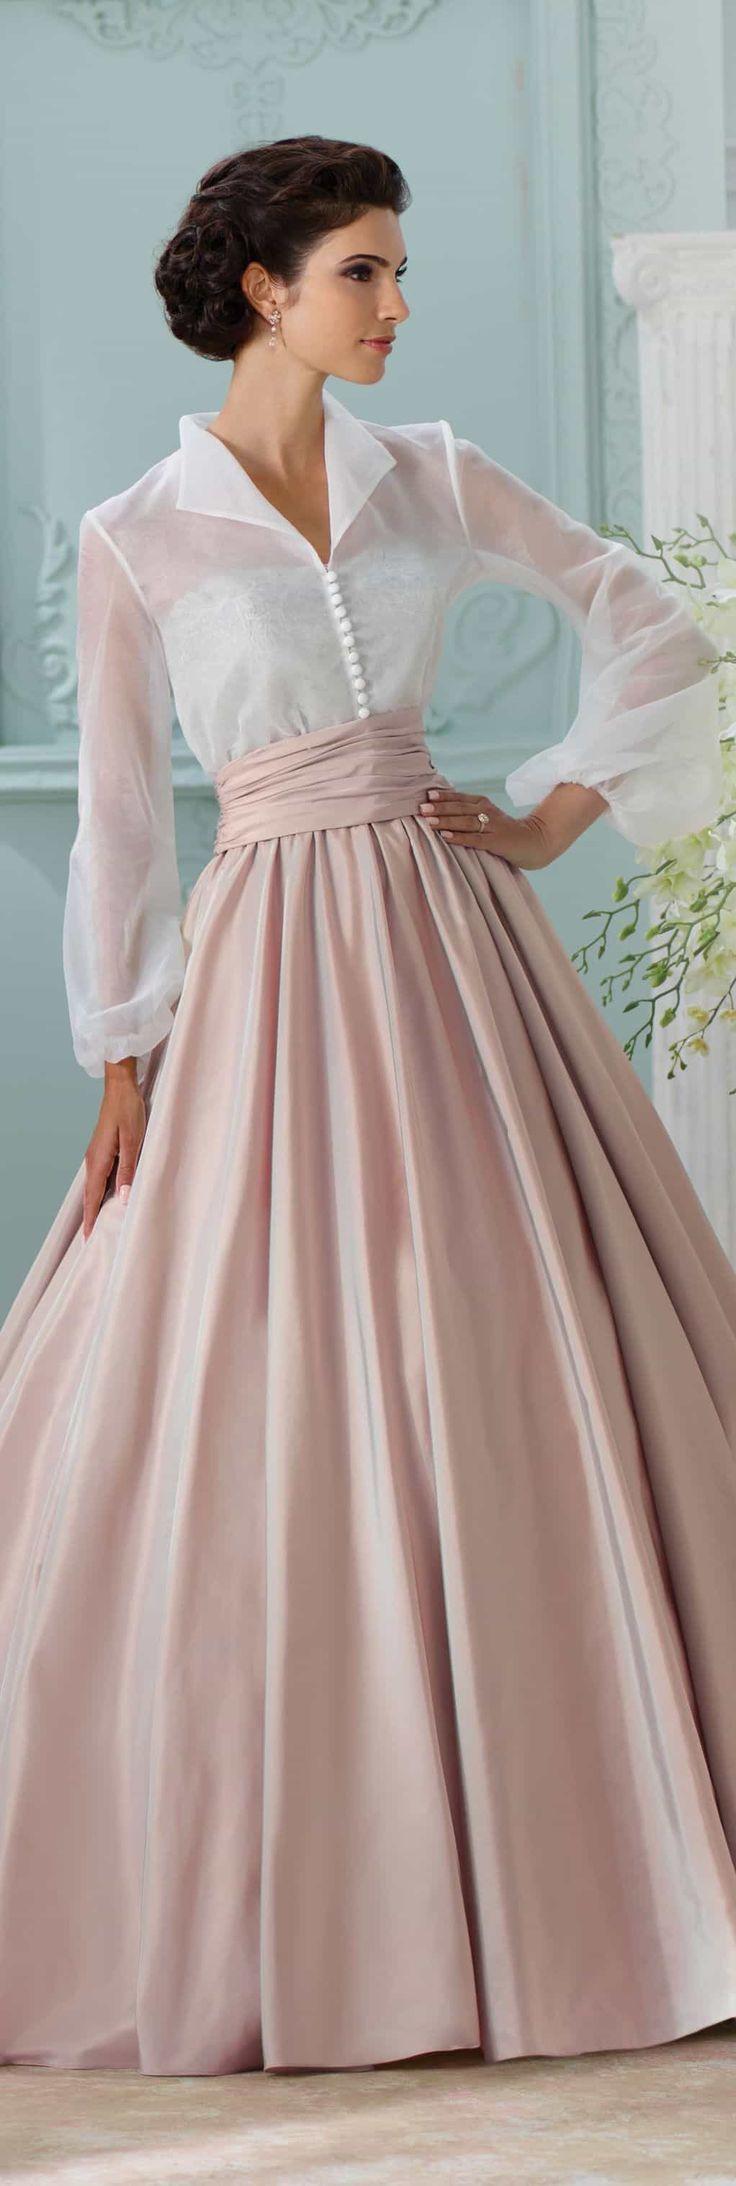 Photo of schöne kleider edel 15 beste outfits #dresscoctel schöne kleider edel 15 beste …